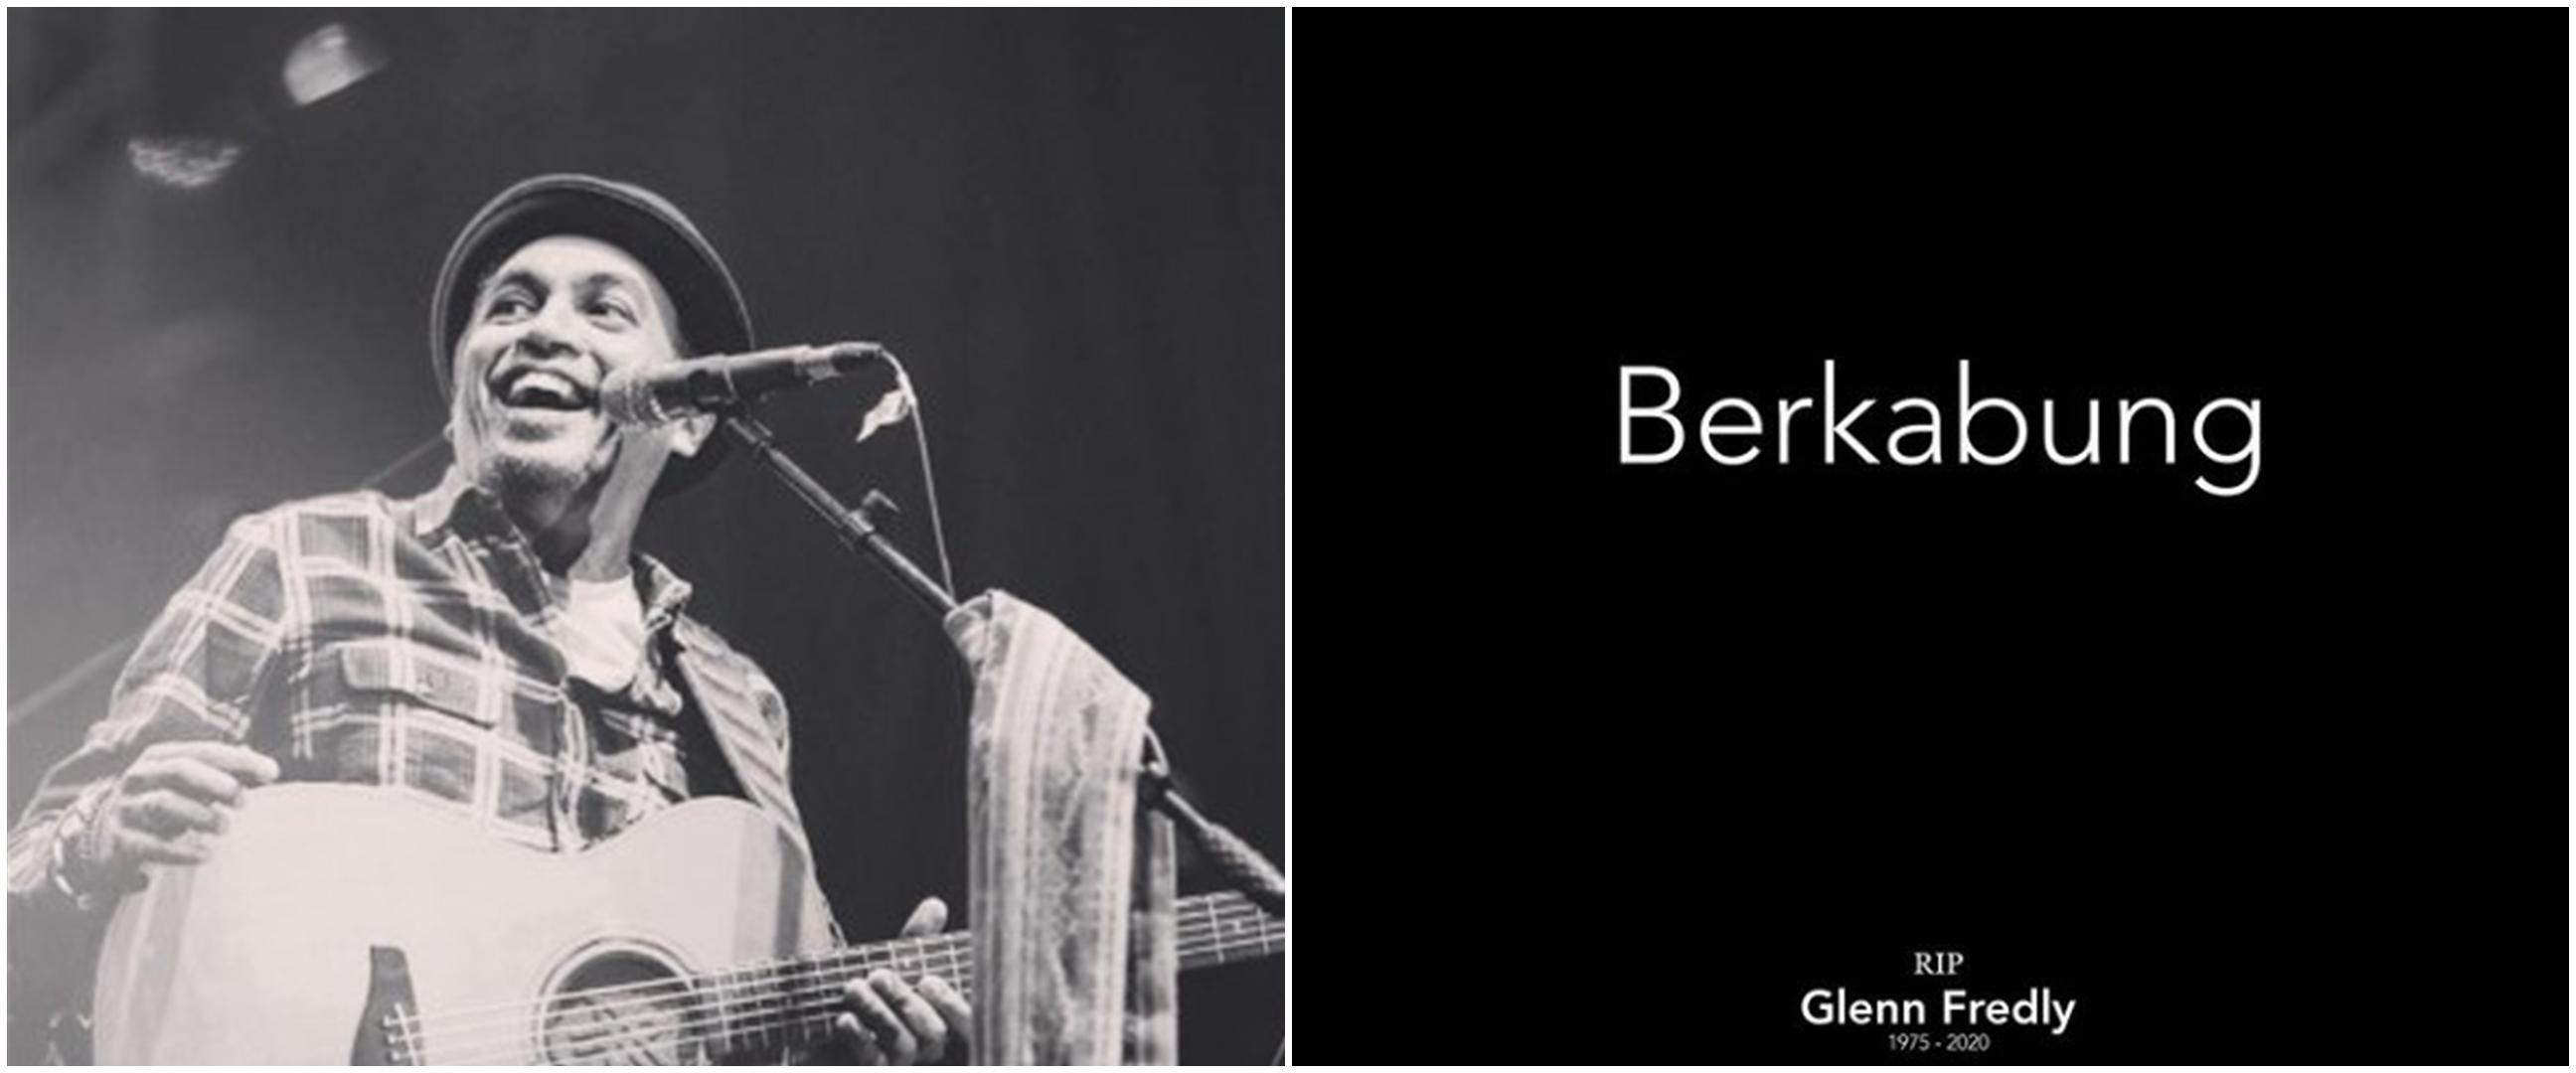 Berkabung untuk Glenn Fredly, 7 musisi kompak unggah foto hitam